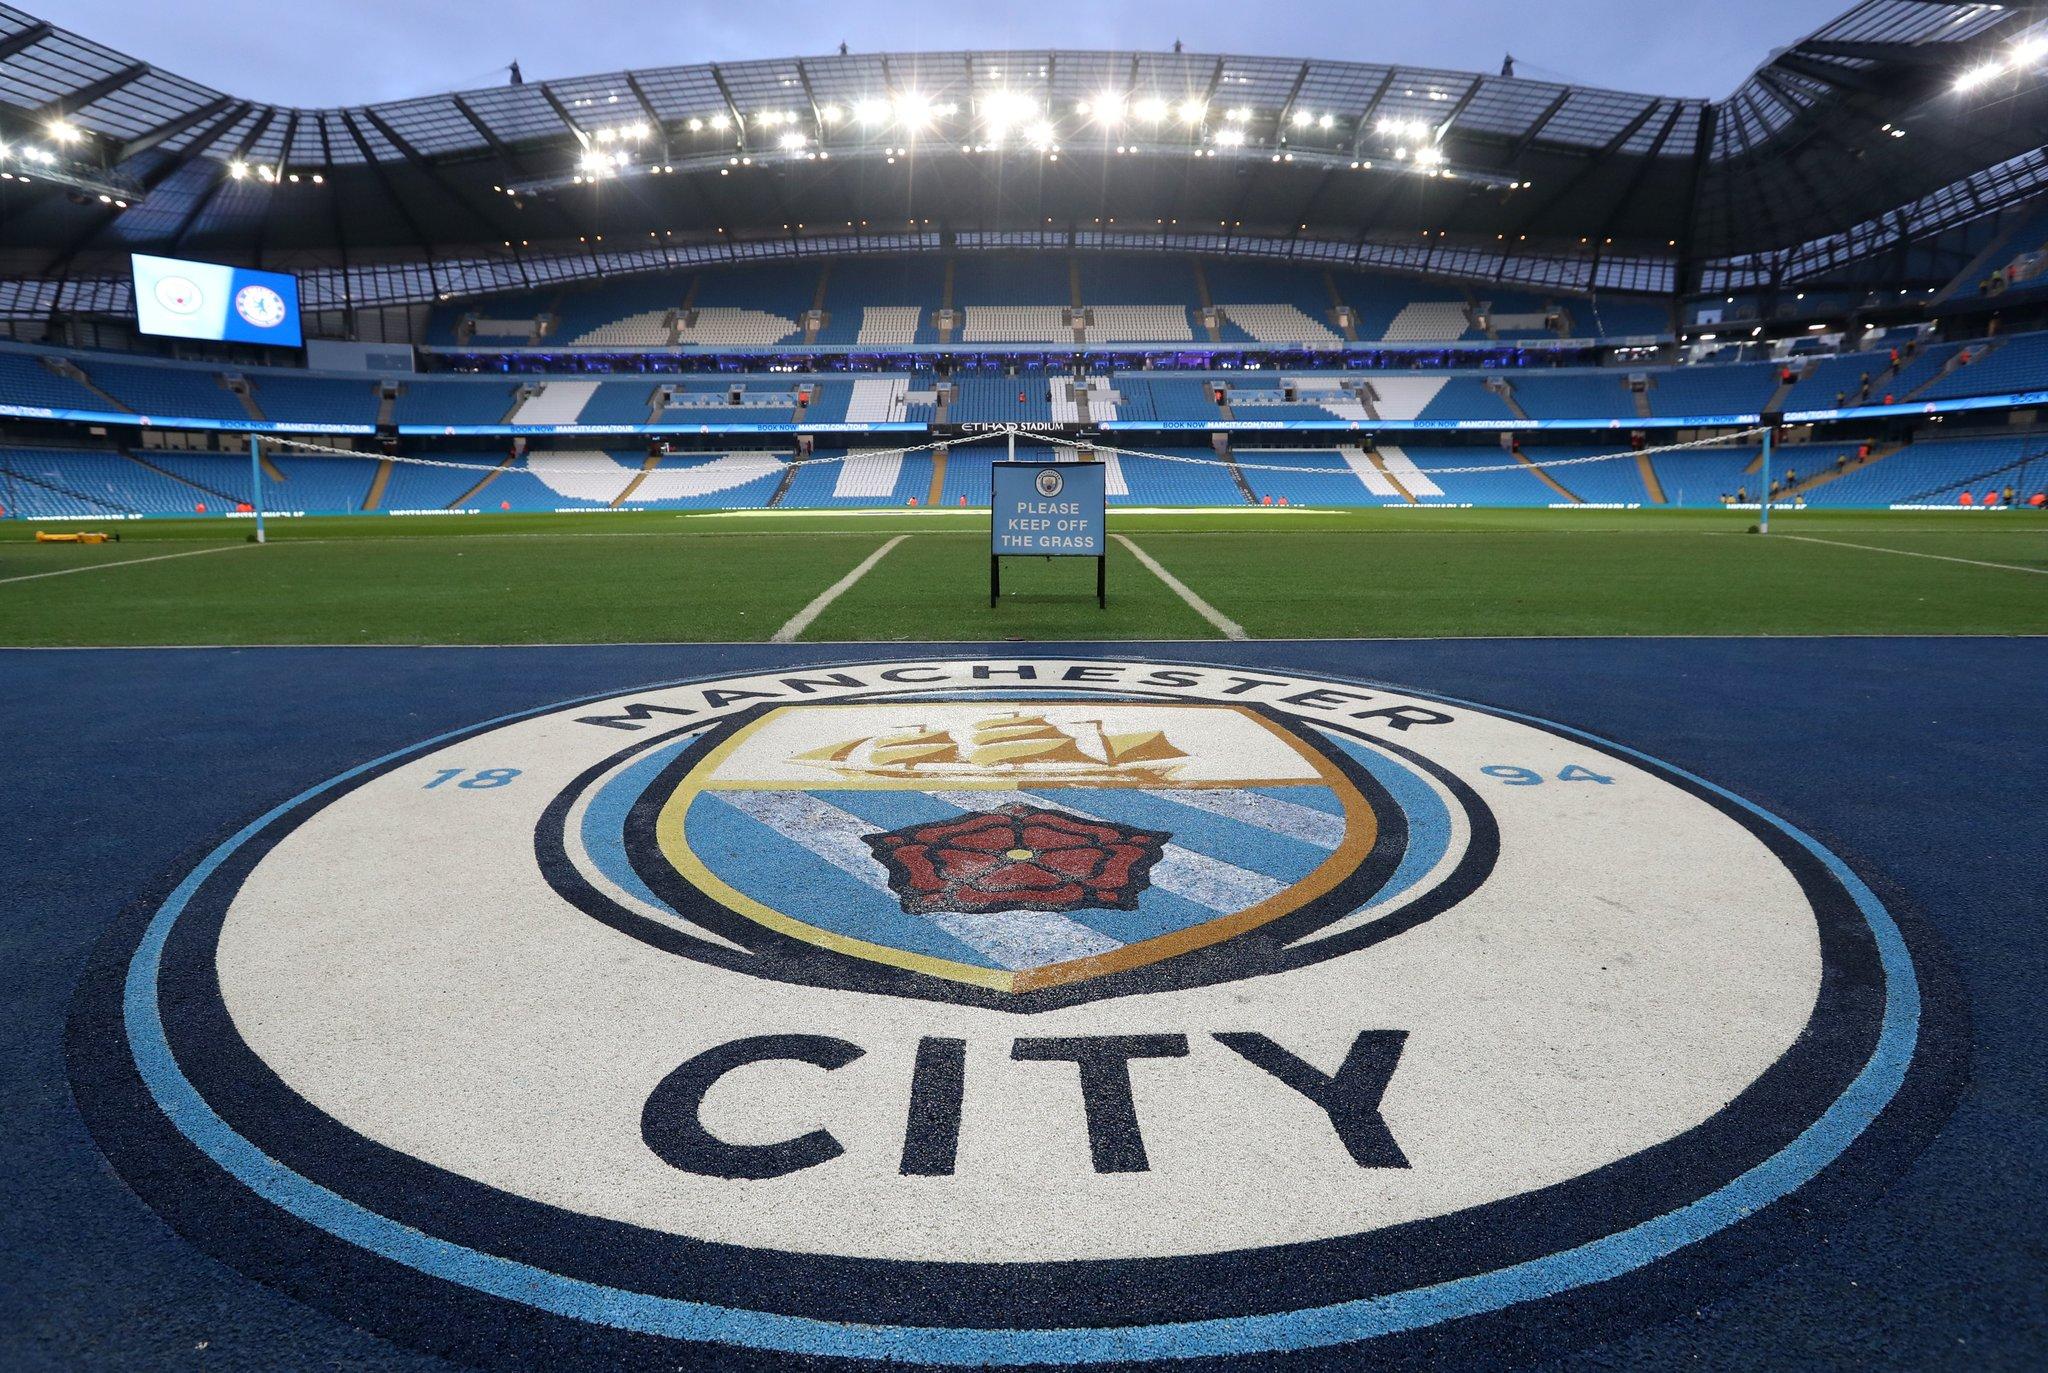 El club está «decepcionado pero no sorprendido»: UEFA excluyó de torneos por dos años al Manchester City